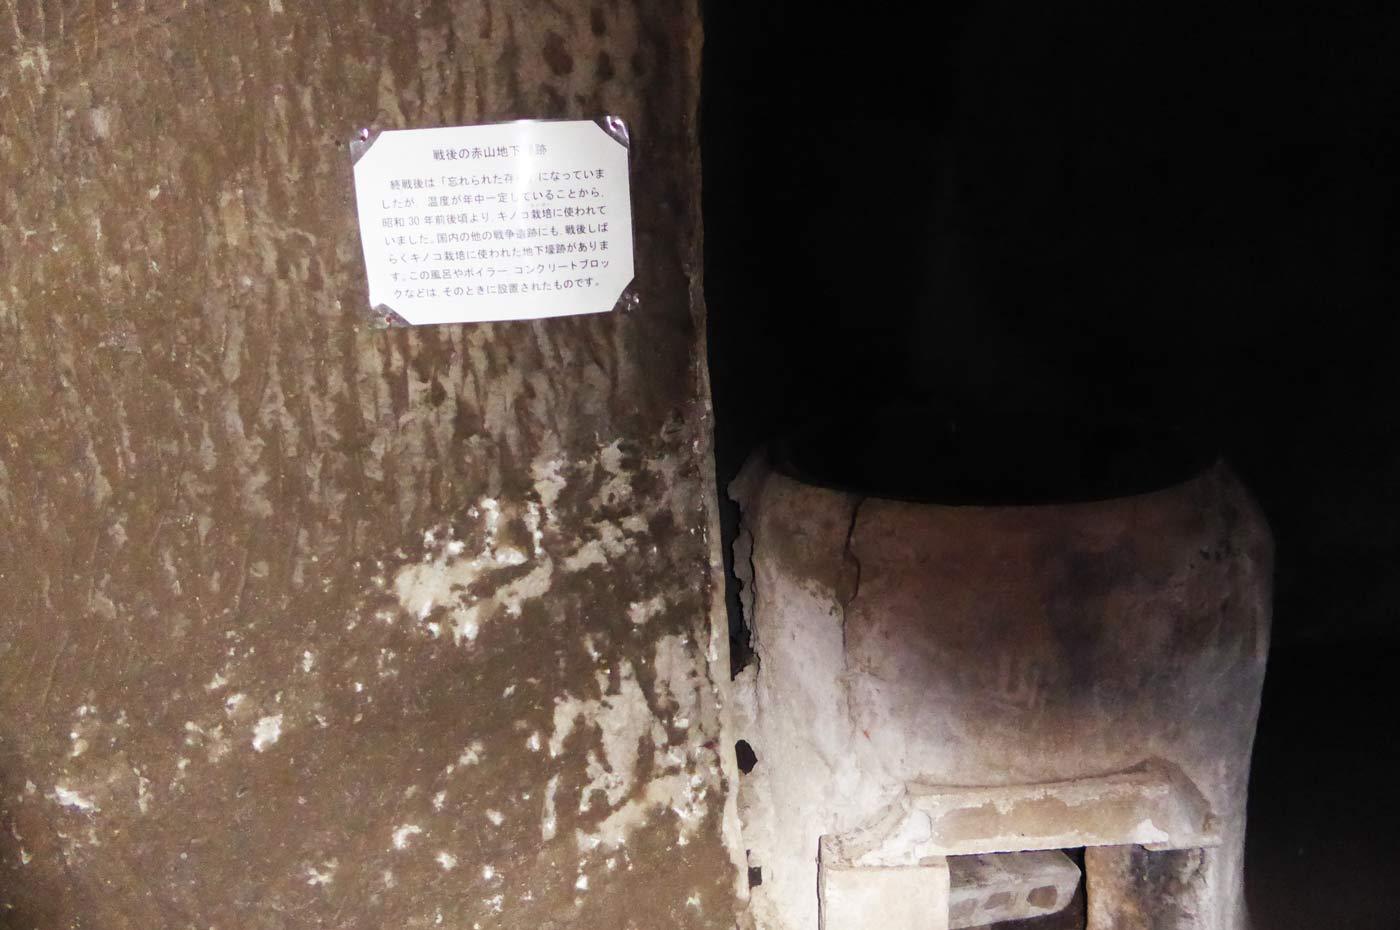 キノコ栽培のボイラーの画像